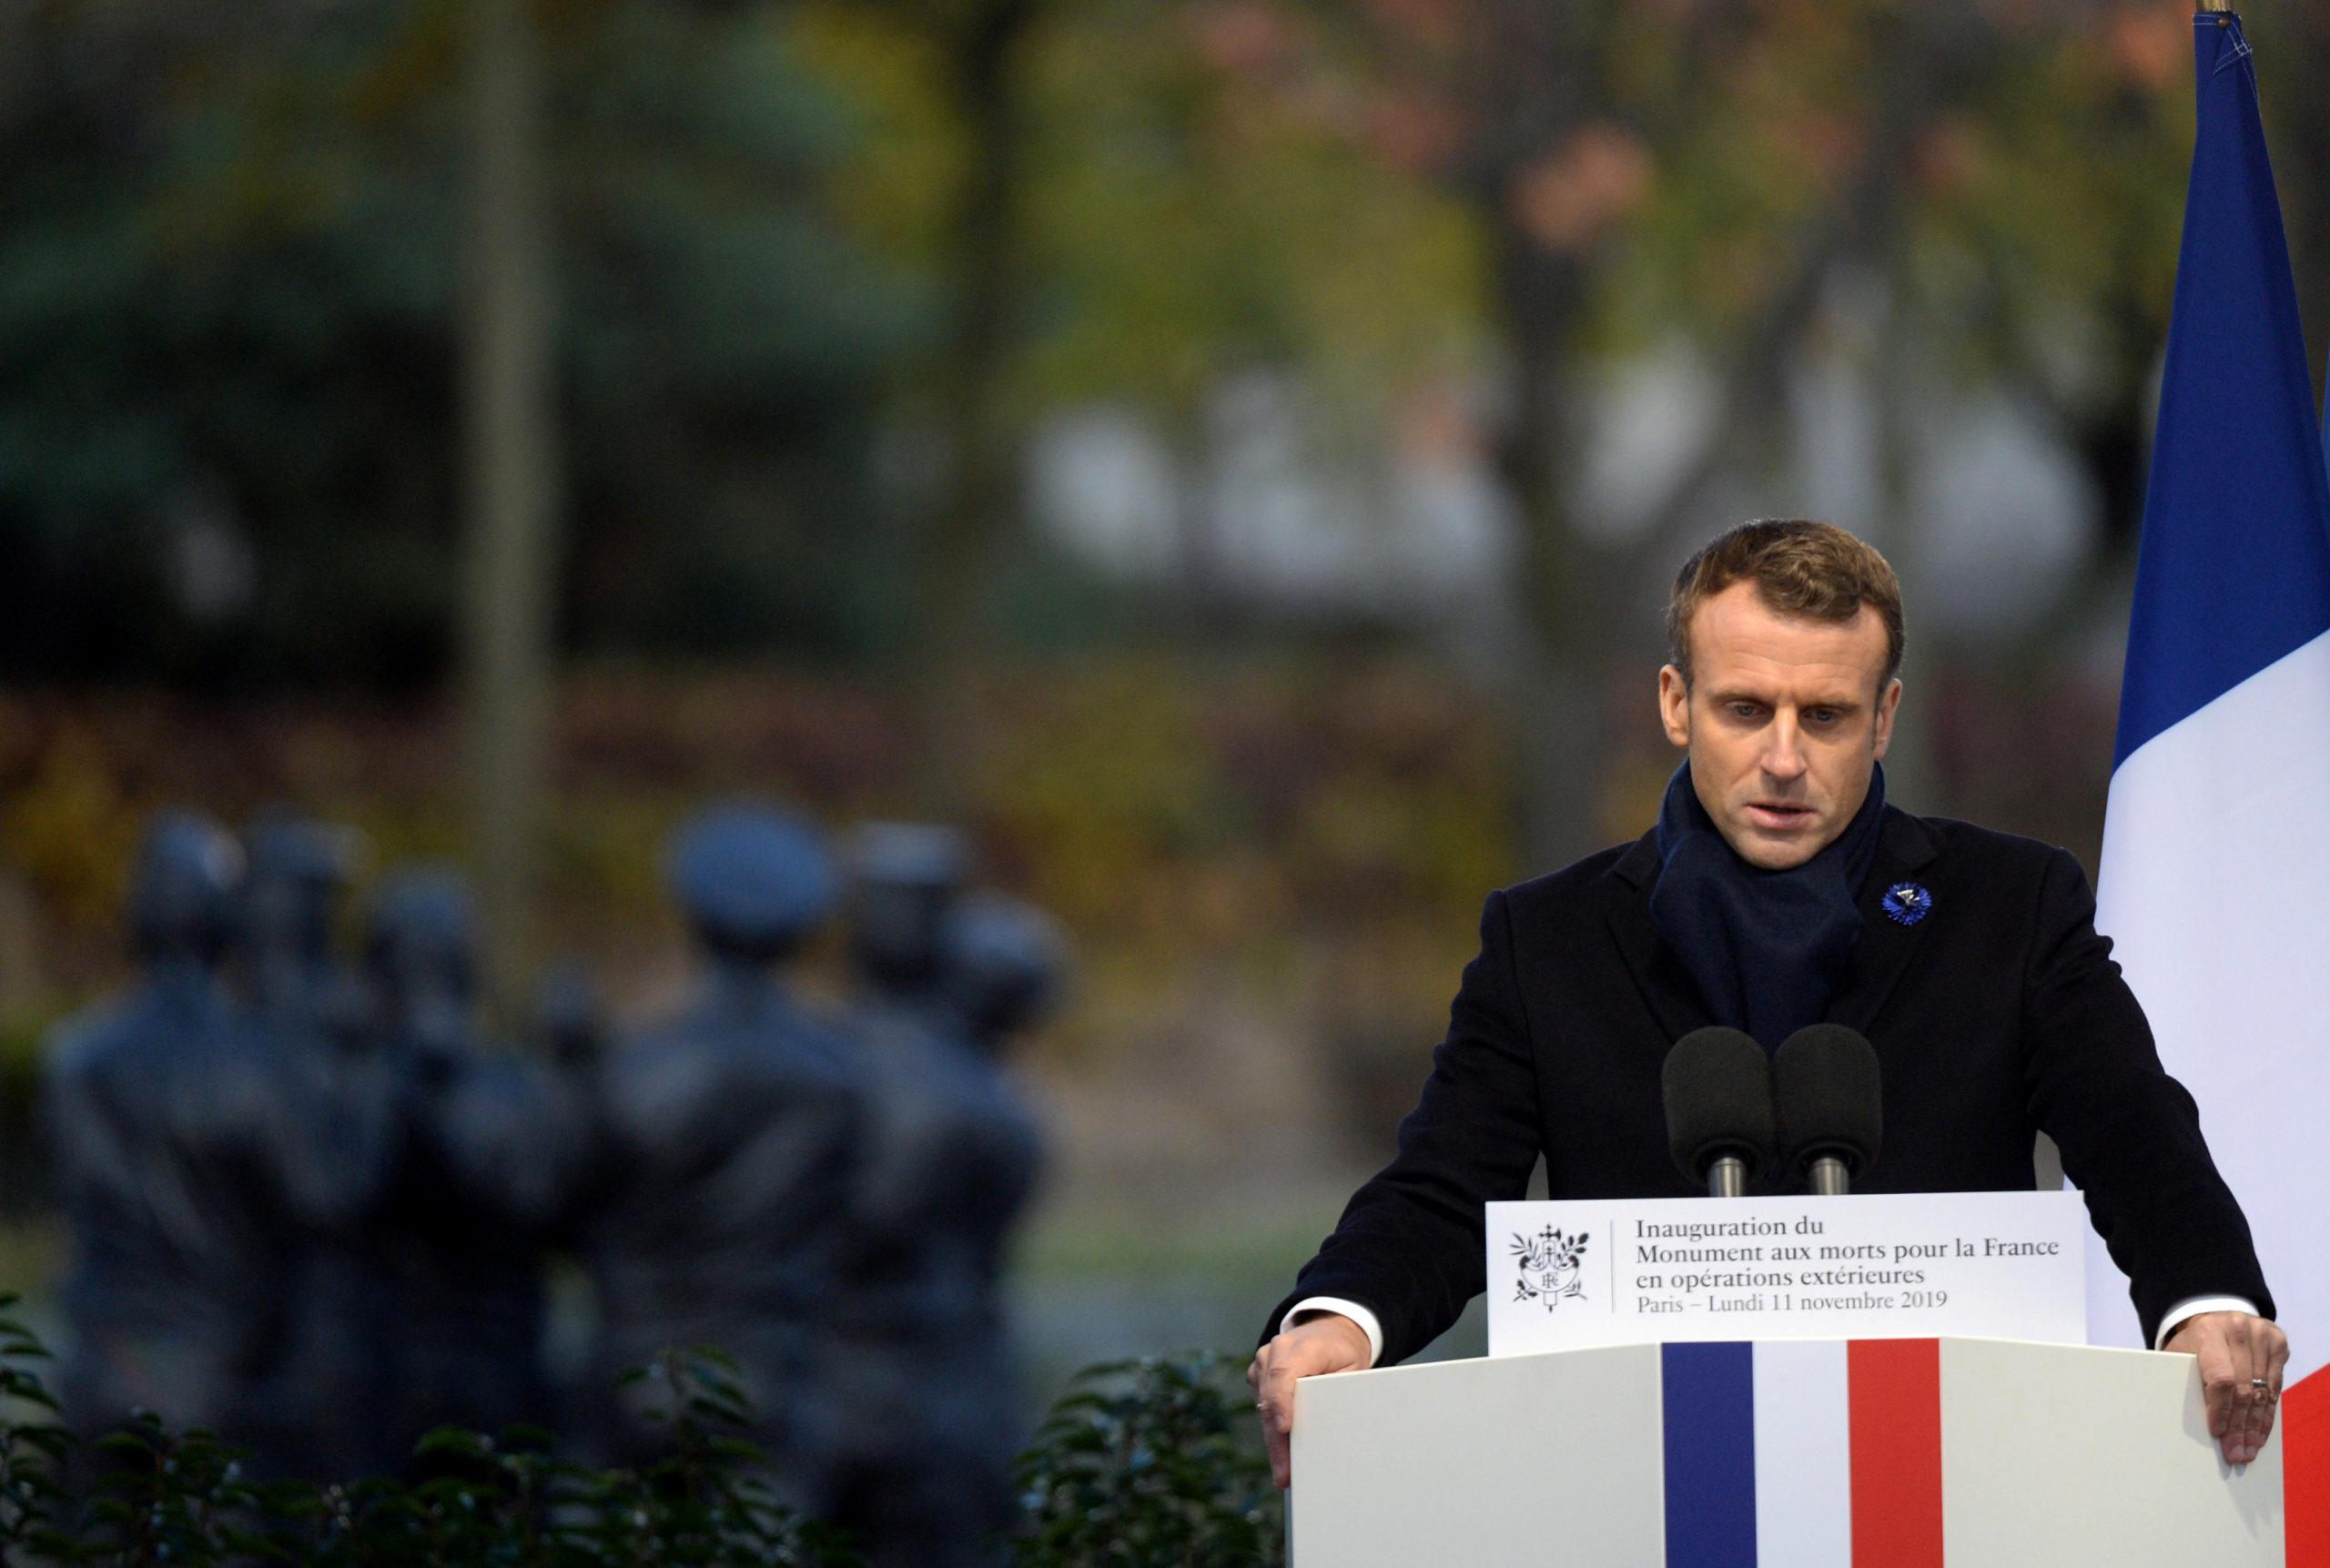 Deux hommes ont été arrêtés le 12 novembre dans le cadre de l'enquête ouverte il y a un an par le parquet de Paris pour un projet d'action violente contre Emmanuel Macron, a-t-on appris vendredi de source judiciaire, confirmant une information du Parisien. /Photo prise le 11 novembre 2019/REUTERS/Johanna Geron